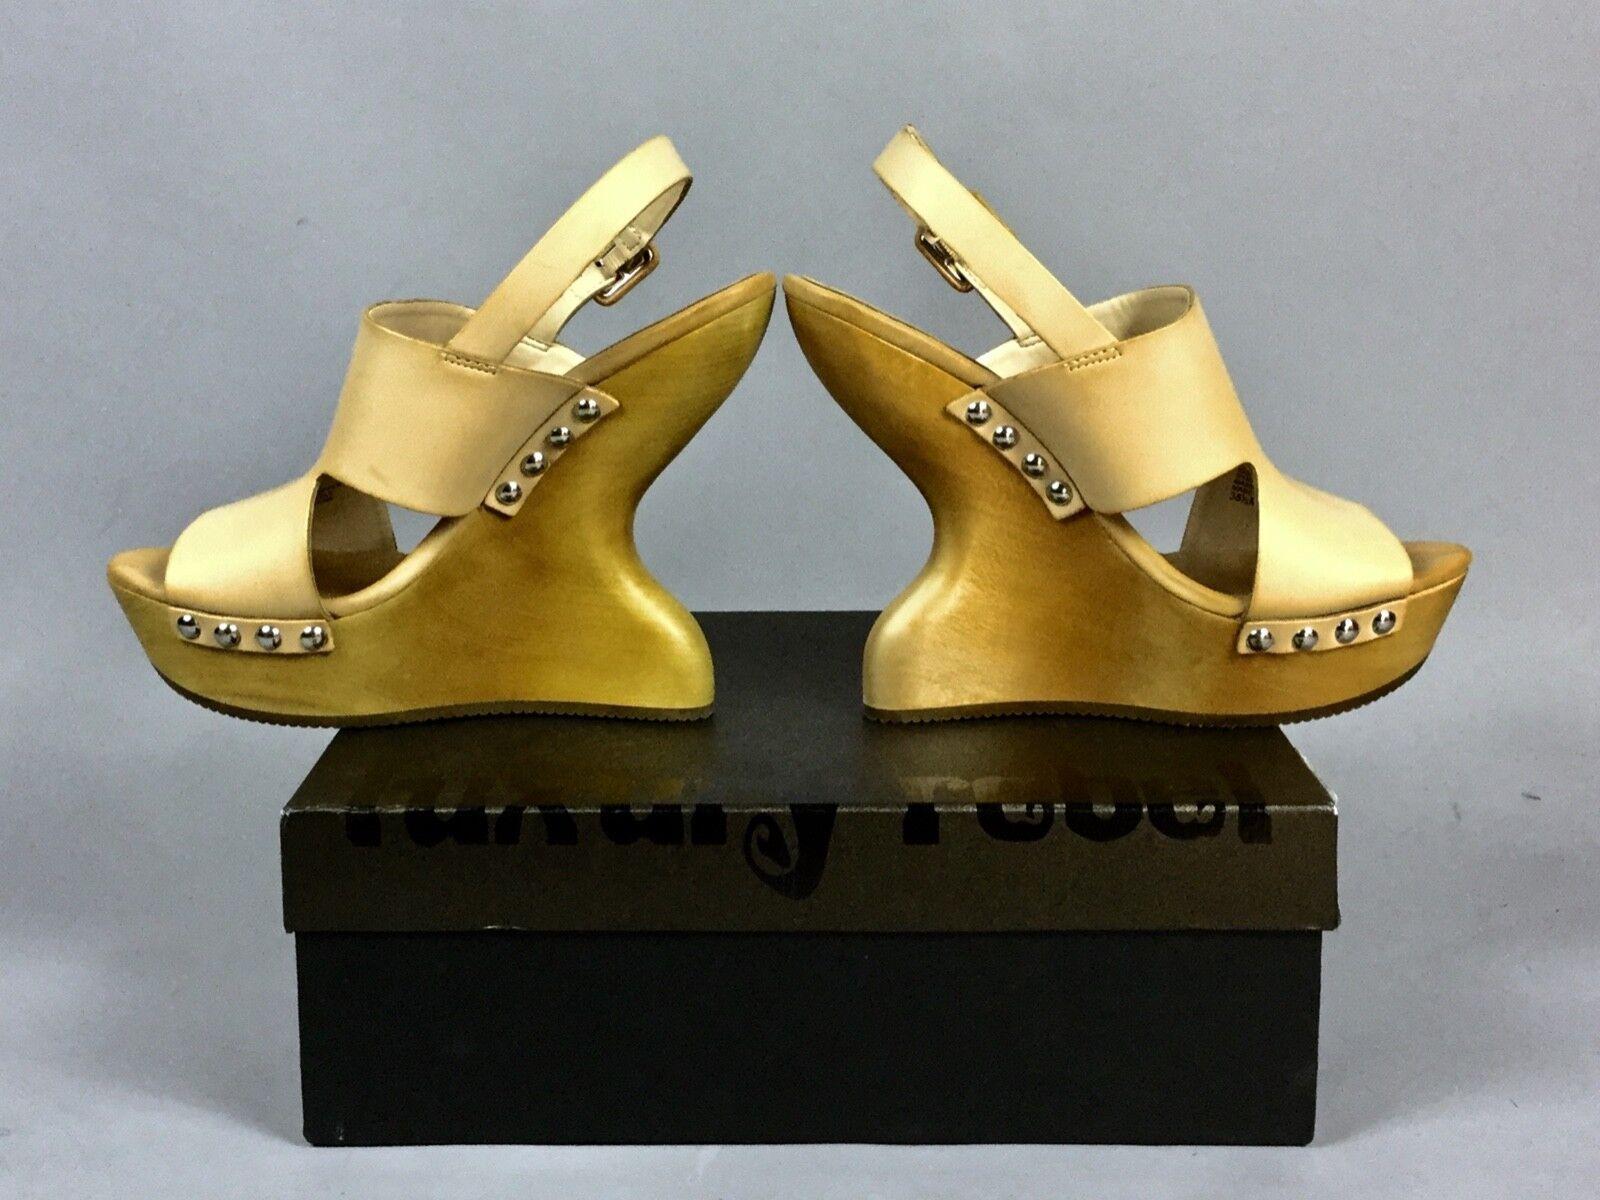 Luxury Rebel Beige Wedges High Platform Silber Metal Peep Toe schuhe Größe 37 NEW